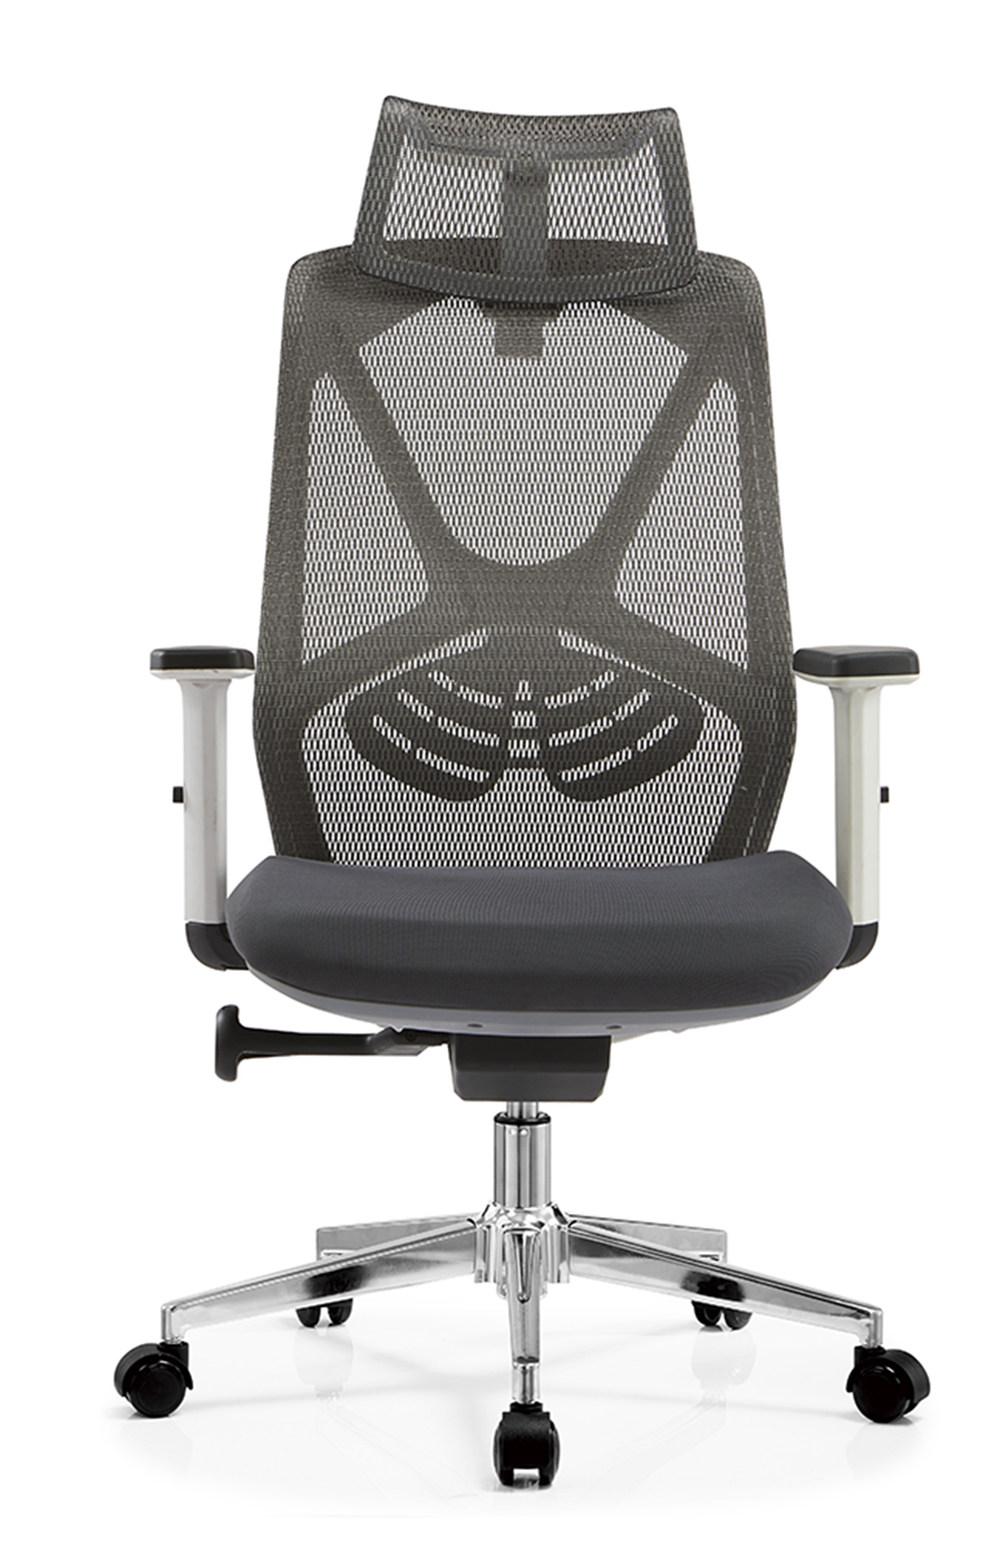 经理椅-16